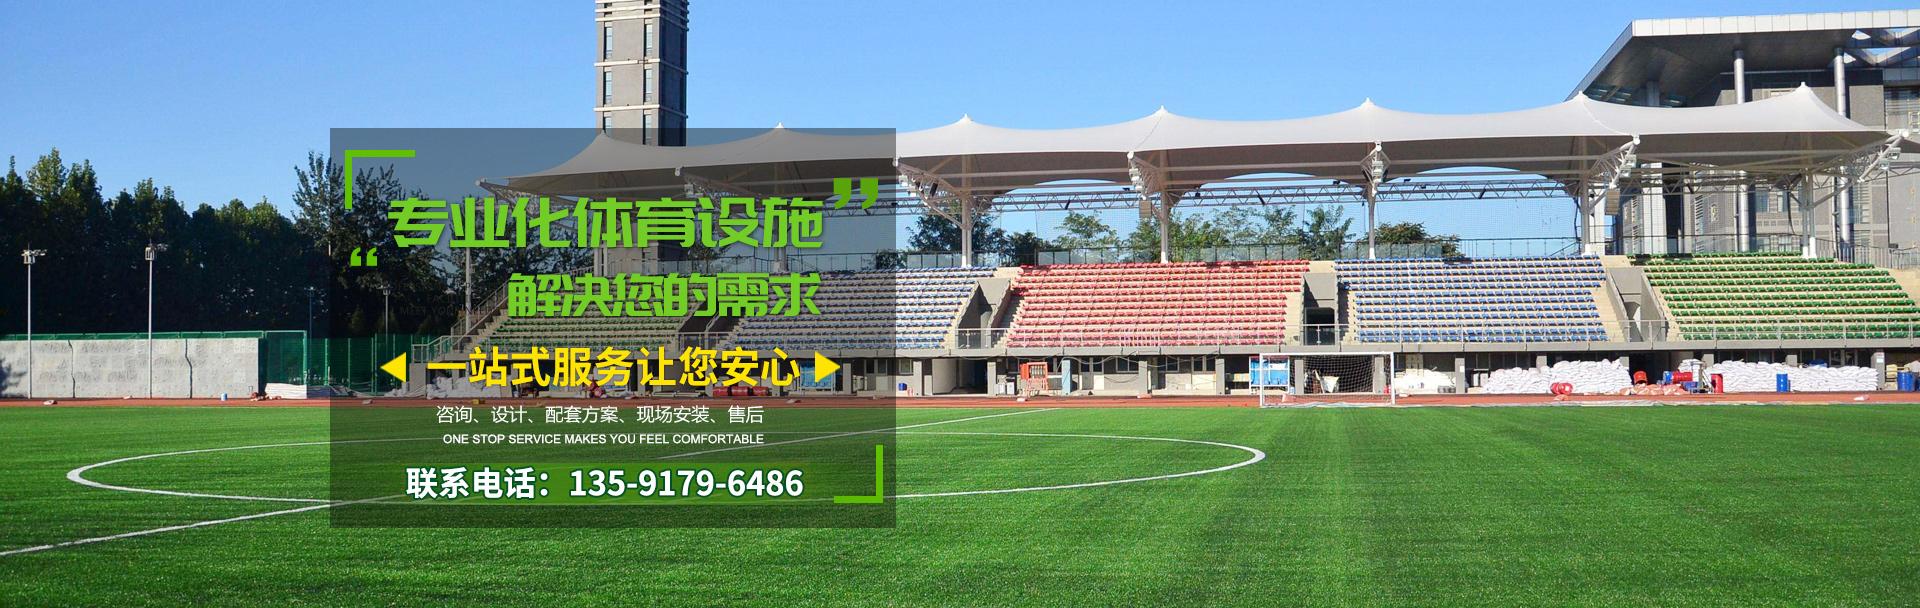 大连人造草坪足球场